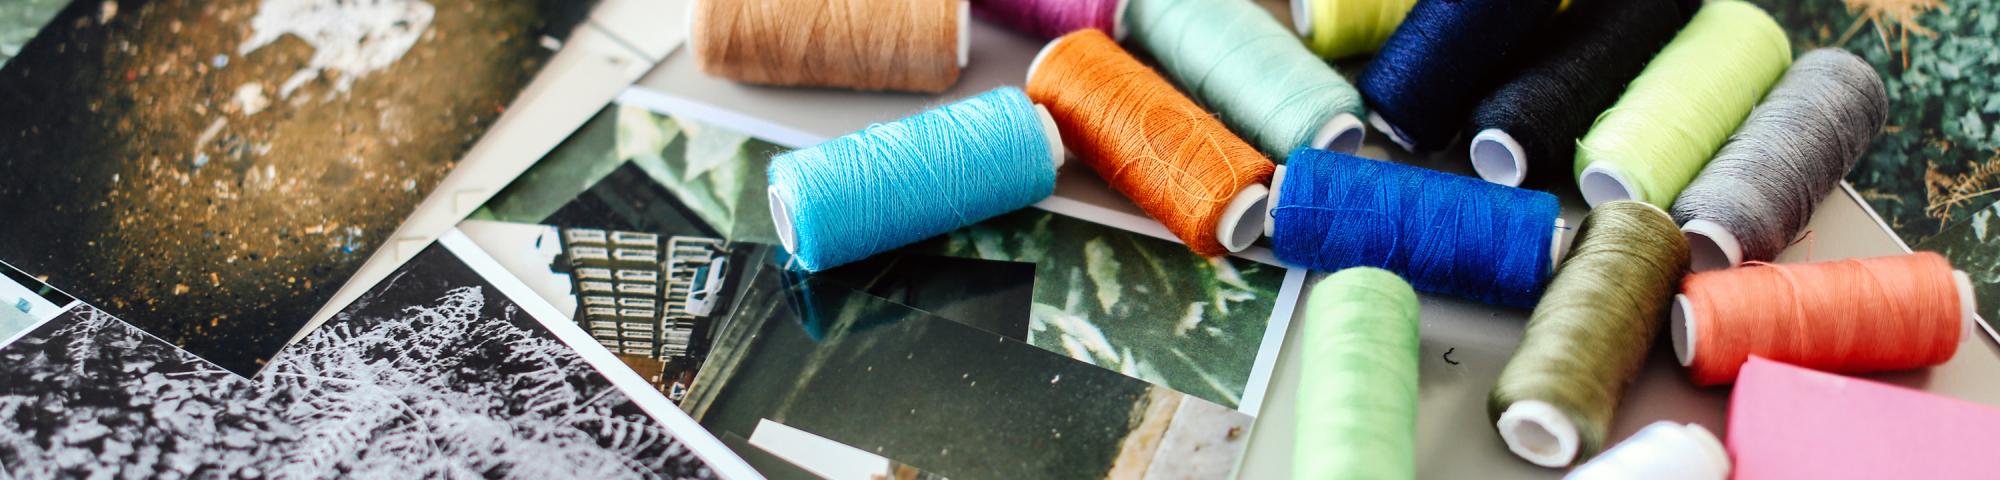 Thread and photographs on a table